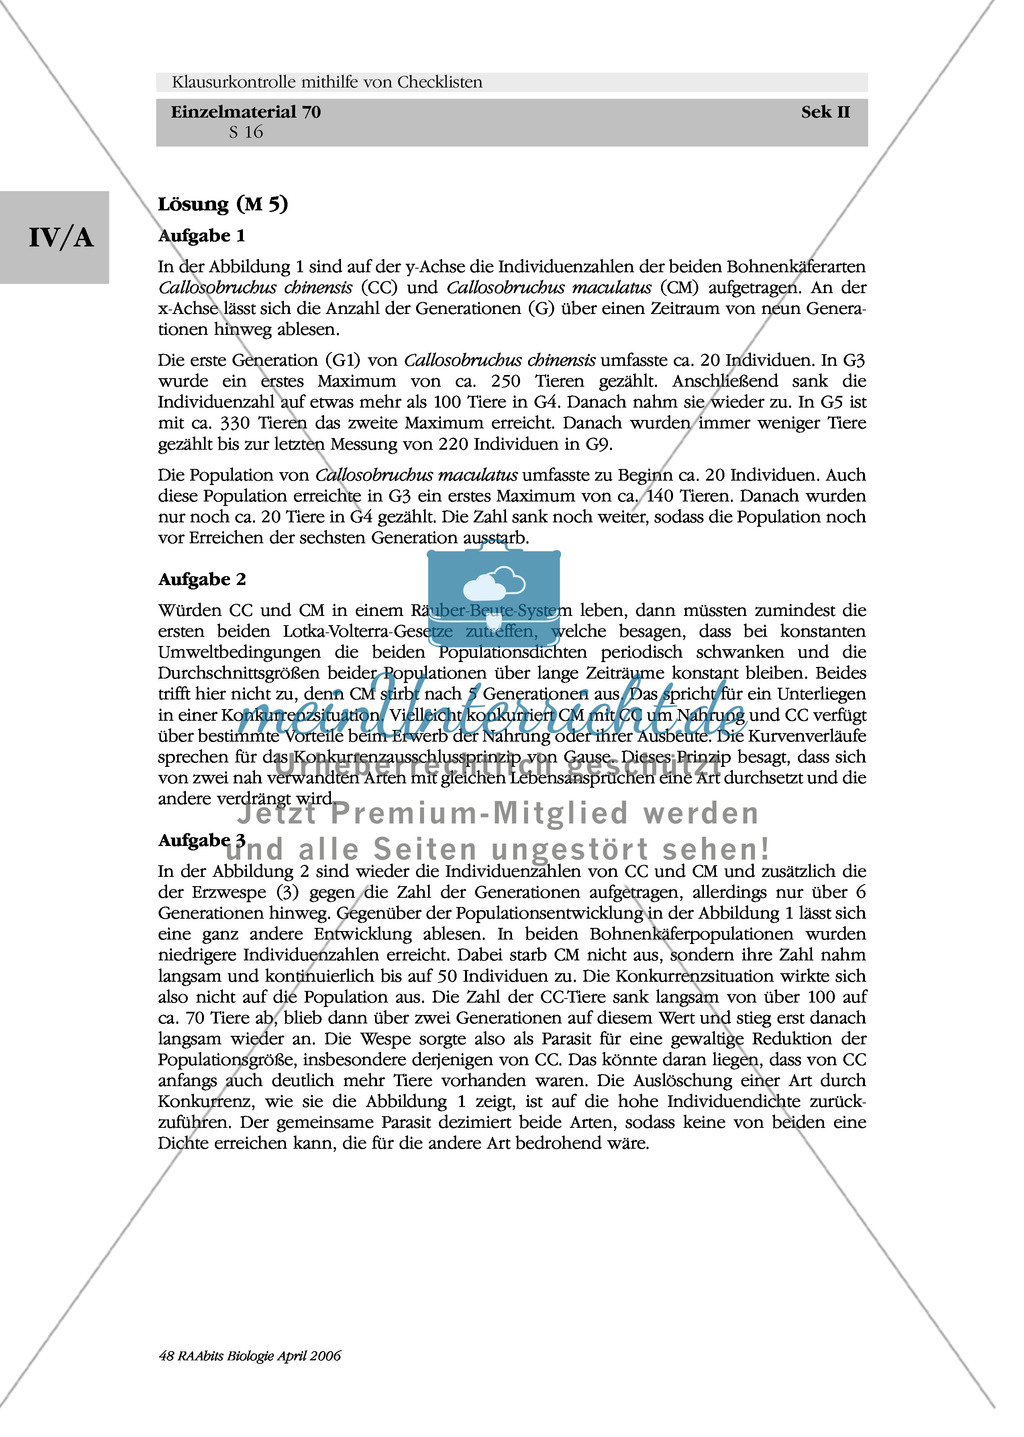 Klausur und Kontroll-Checkliste: Untersuchungen an Bohnenkäferpopulationen Preview 2